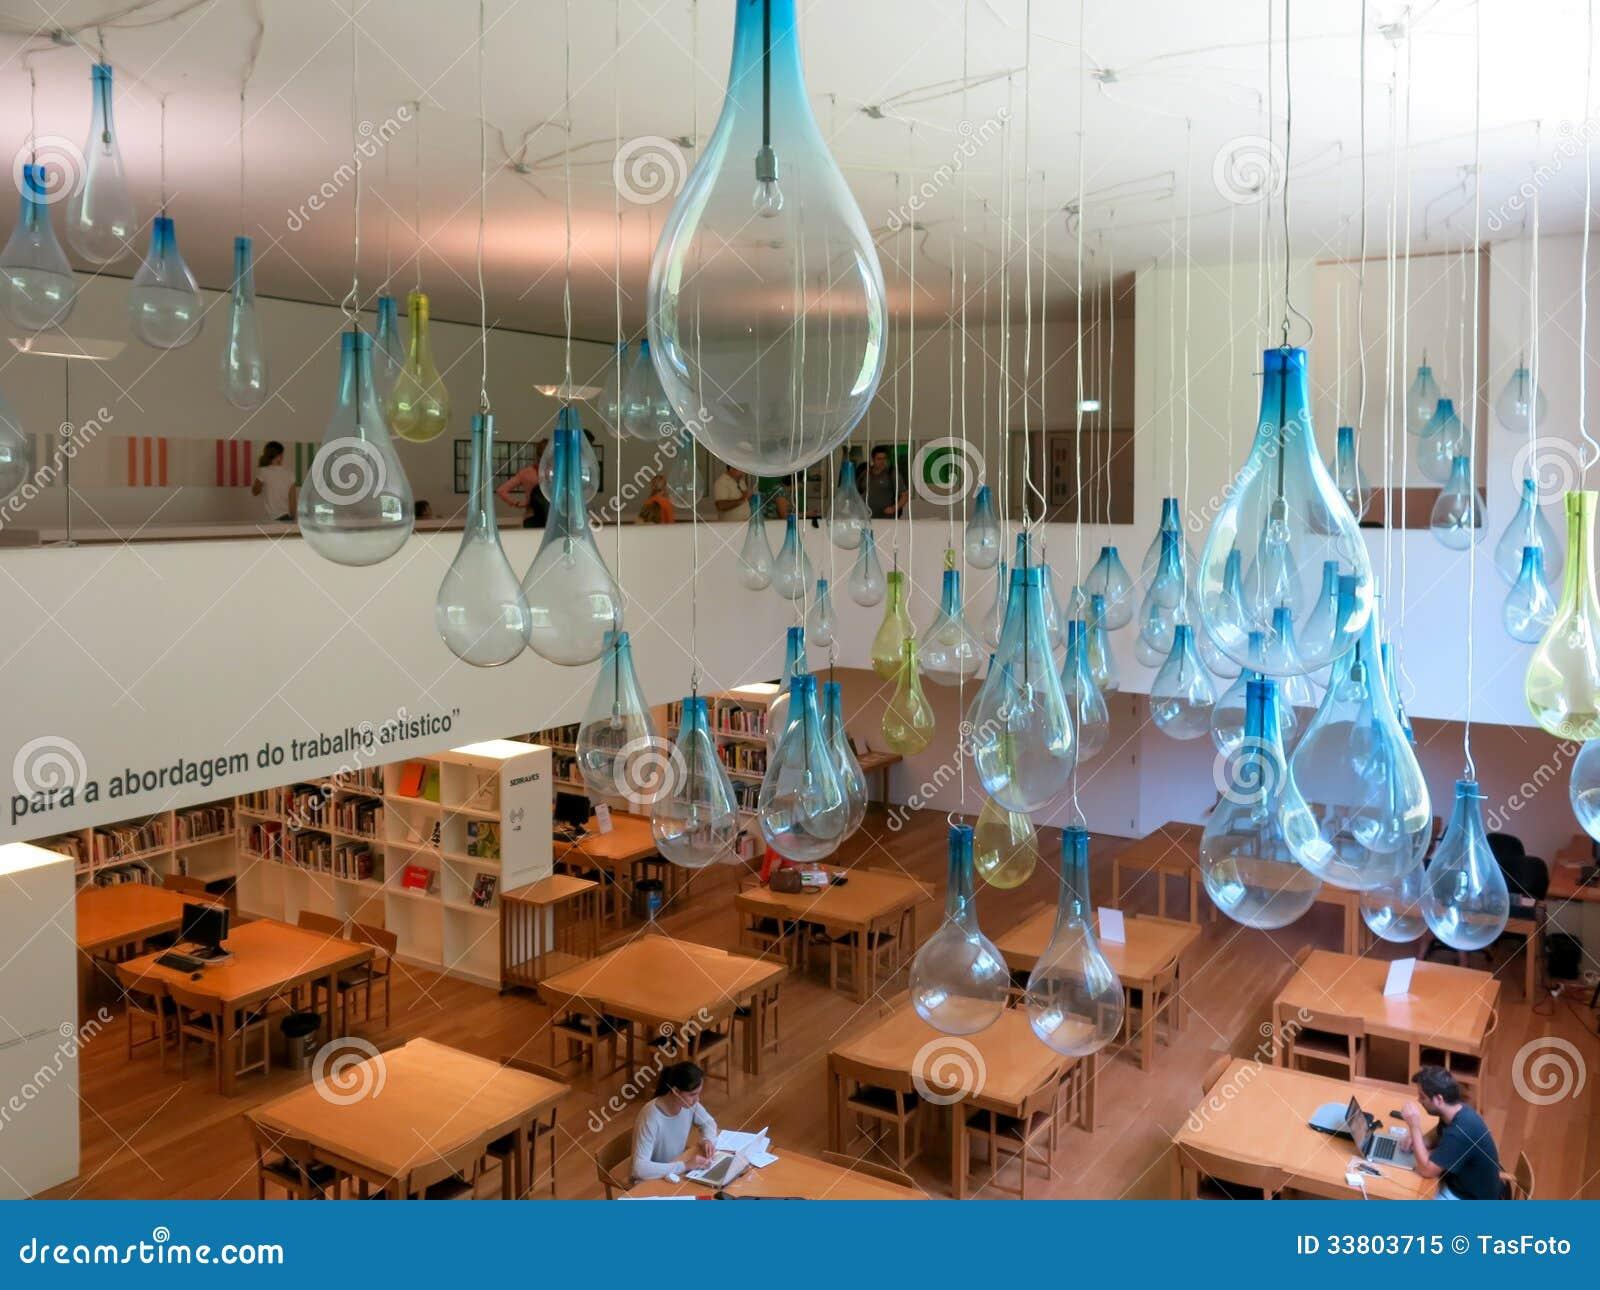 Library and mezzanine in museum of contemporary art serralves in porto